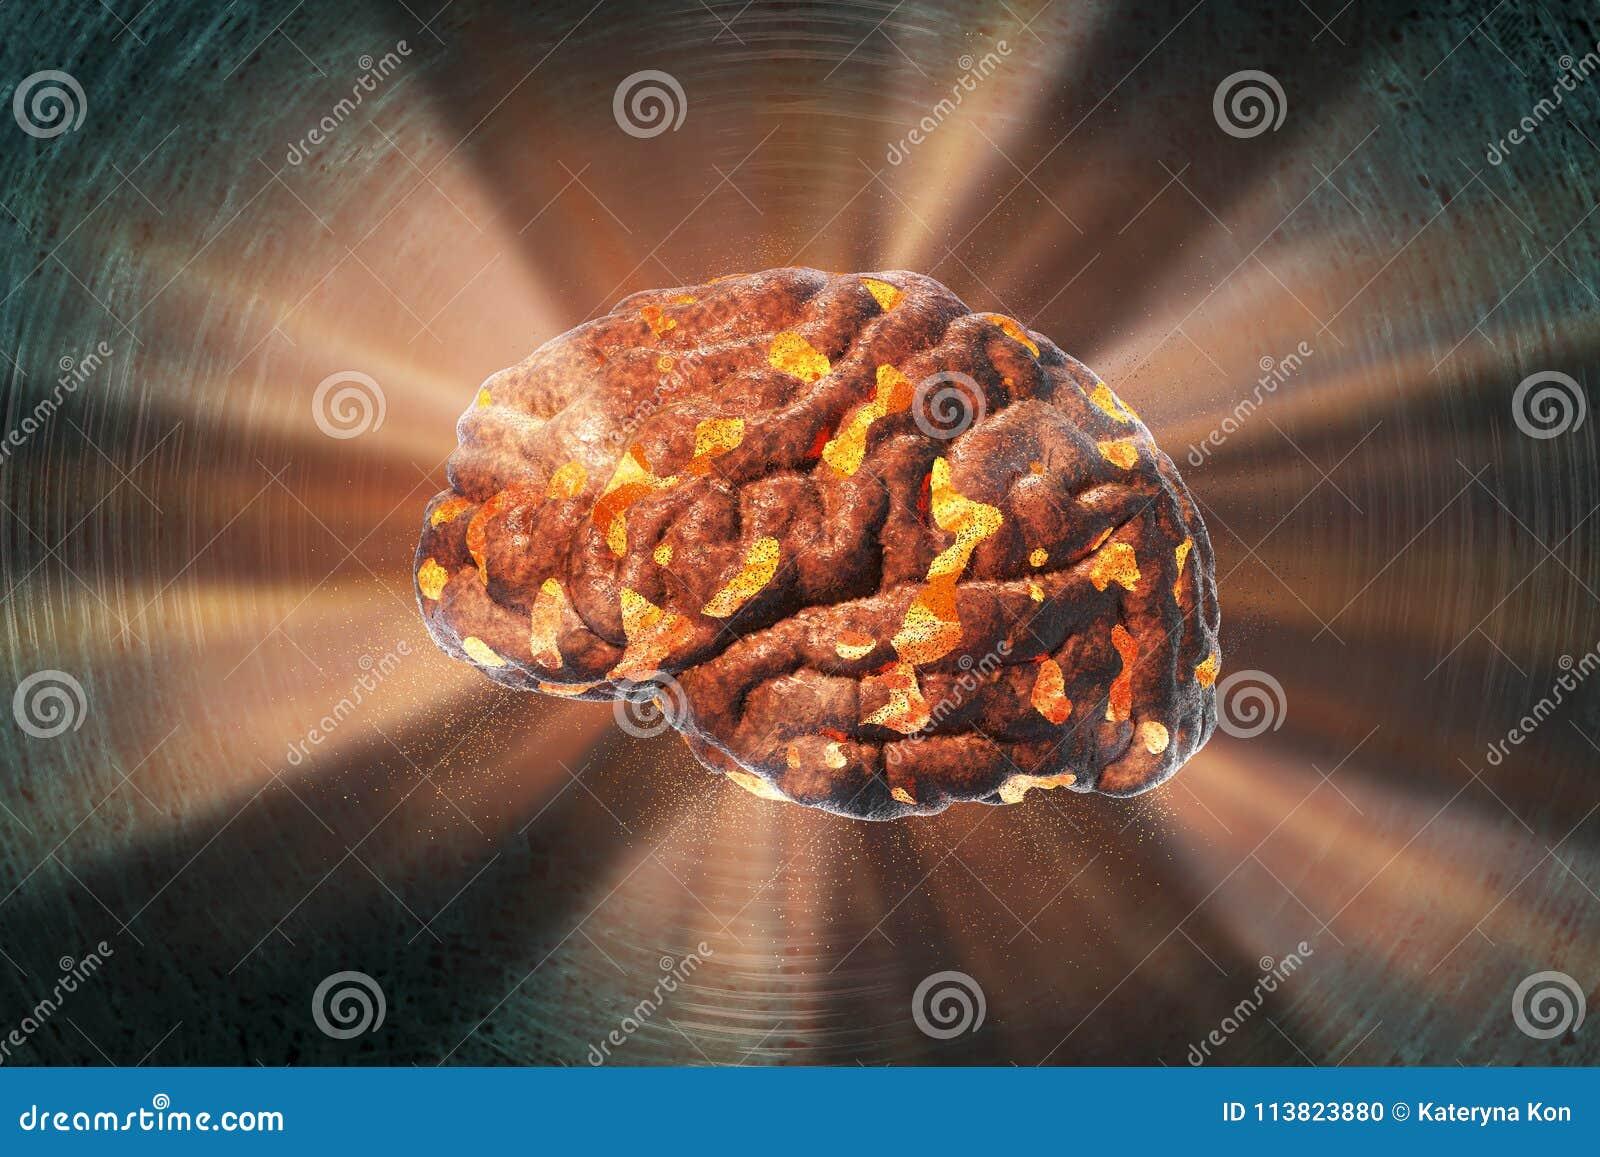 Móżdżkowy zniszczenie, medyczny pojęcie dla móżdżkowej choroby, burnout, depresja, migrena lub migrena,